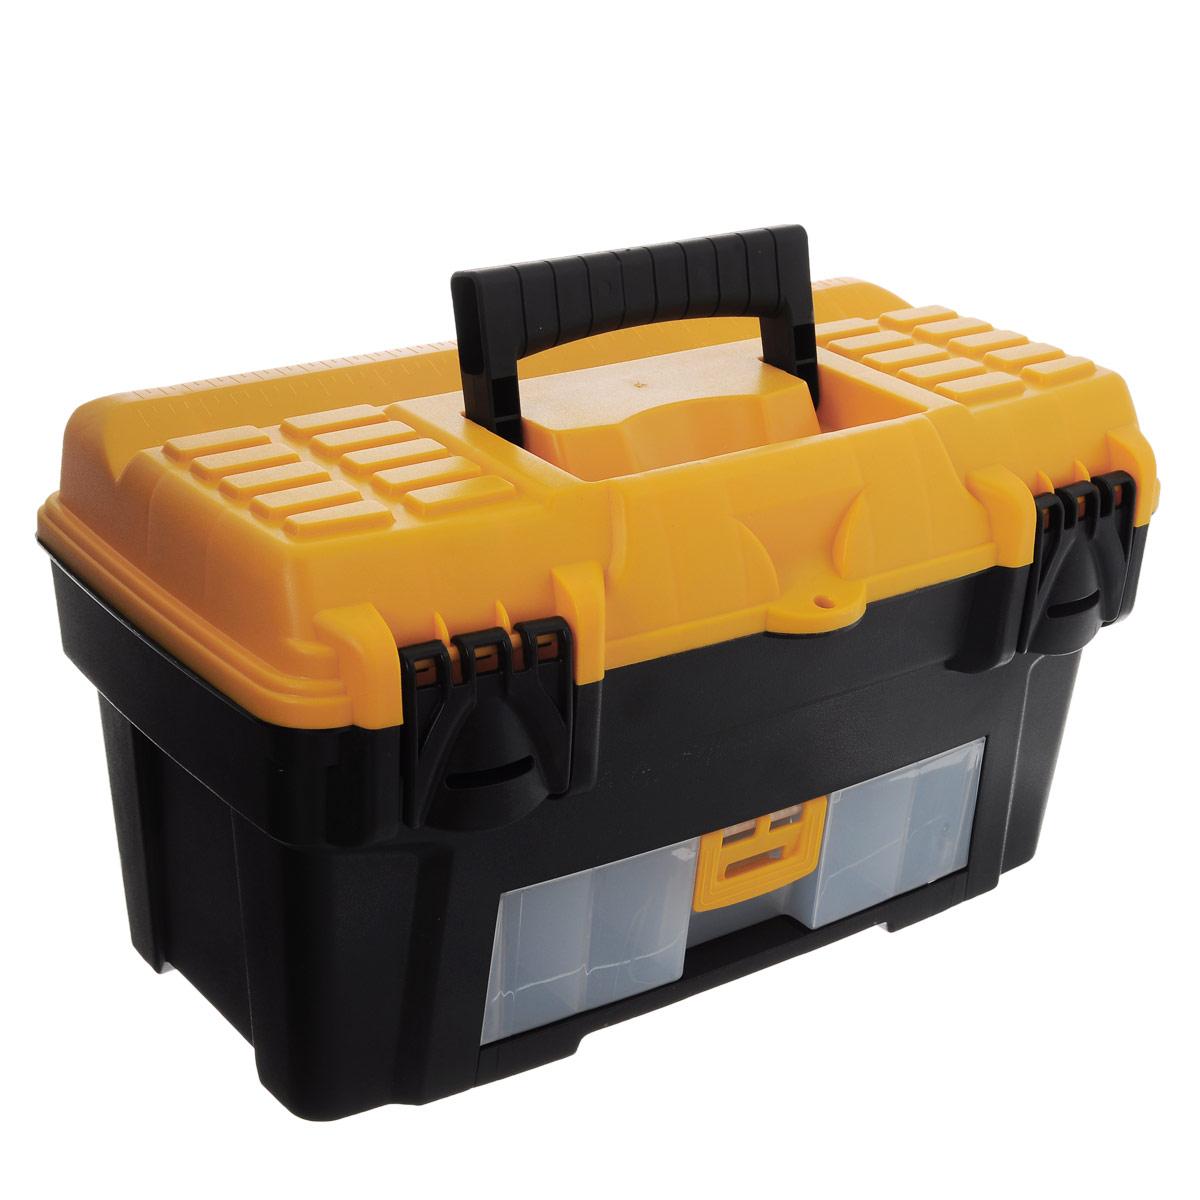 Ящик для инструментов Idea Атлант 18, 43 х 23,5 х 25 смМ 2922Ящик Idea Атлант 18 изготовлен из прочного пластика и предназначен для хранения и переноски инструментов. Вместительный, внутри имеет большое главное отделение. В комплект входит съемный лоток с ручкой для инструментов. Ящик закрывается при помощи крепких защелок, которые не допускают случайного открывания. Для более комфортного переноса в руках, на крышке ящика предусмотрена удобная ручка.